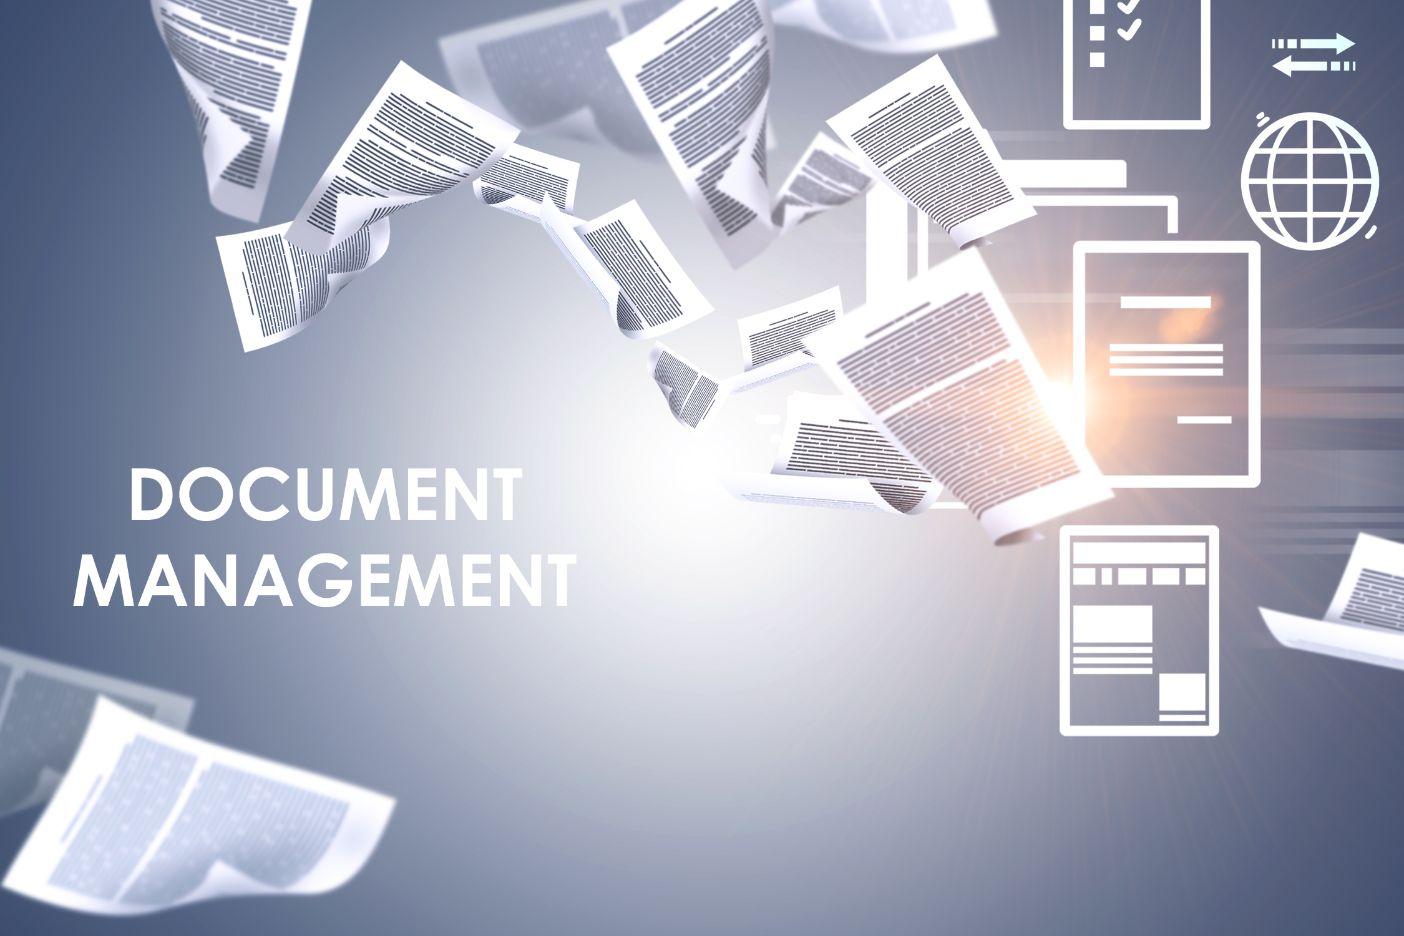 modern business document